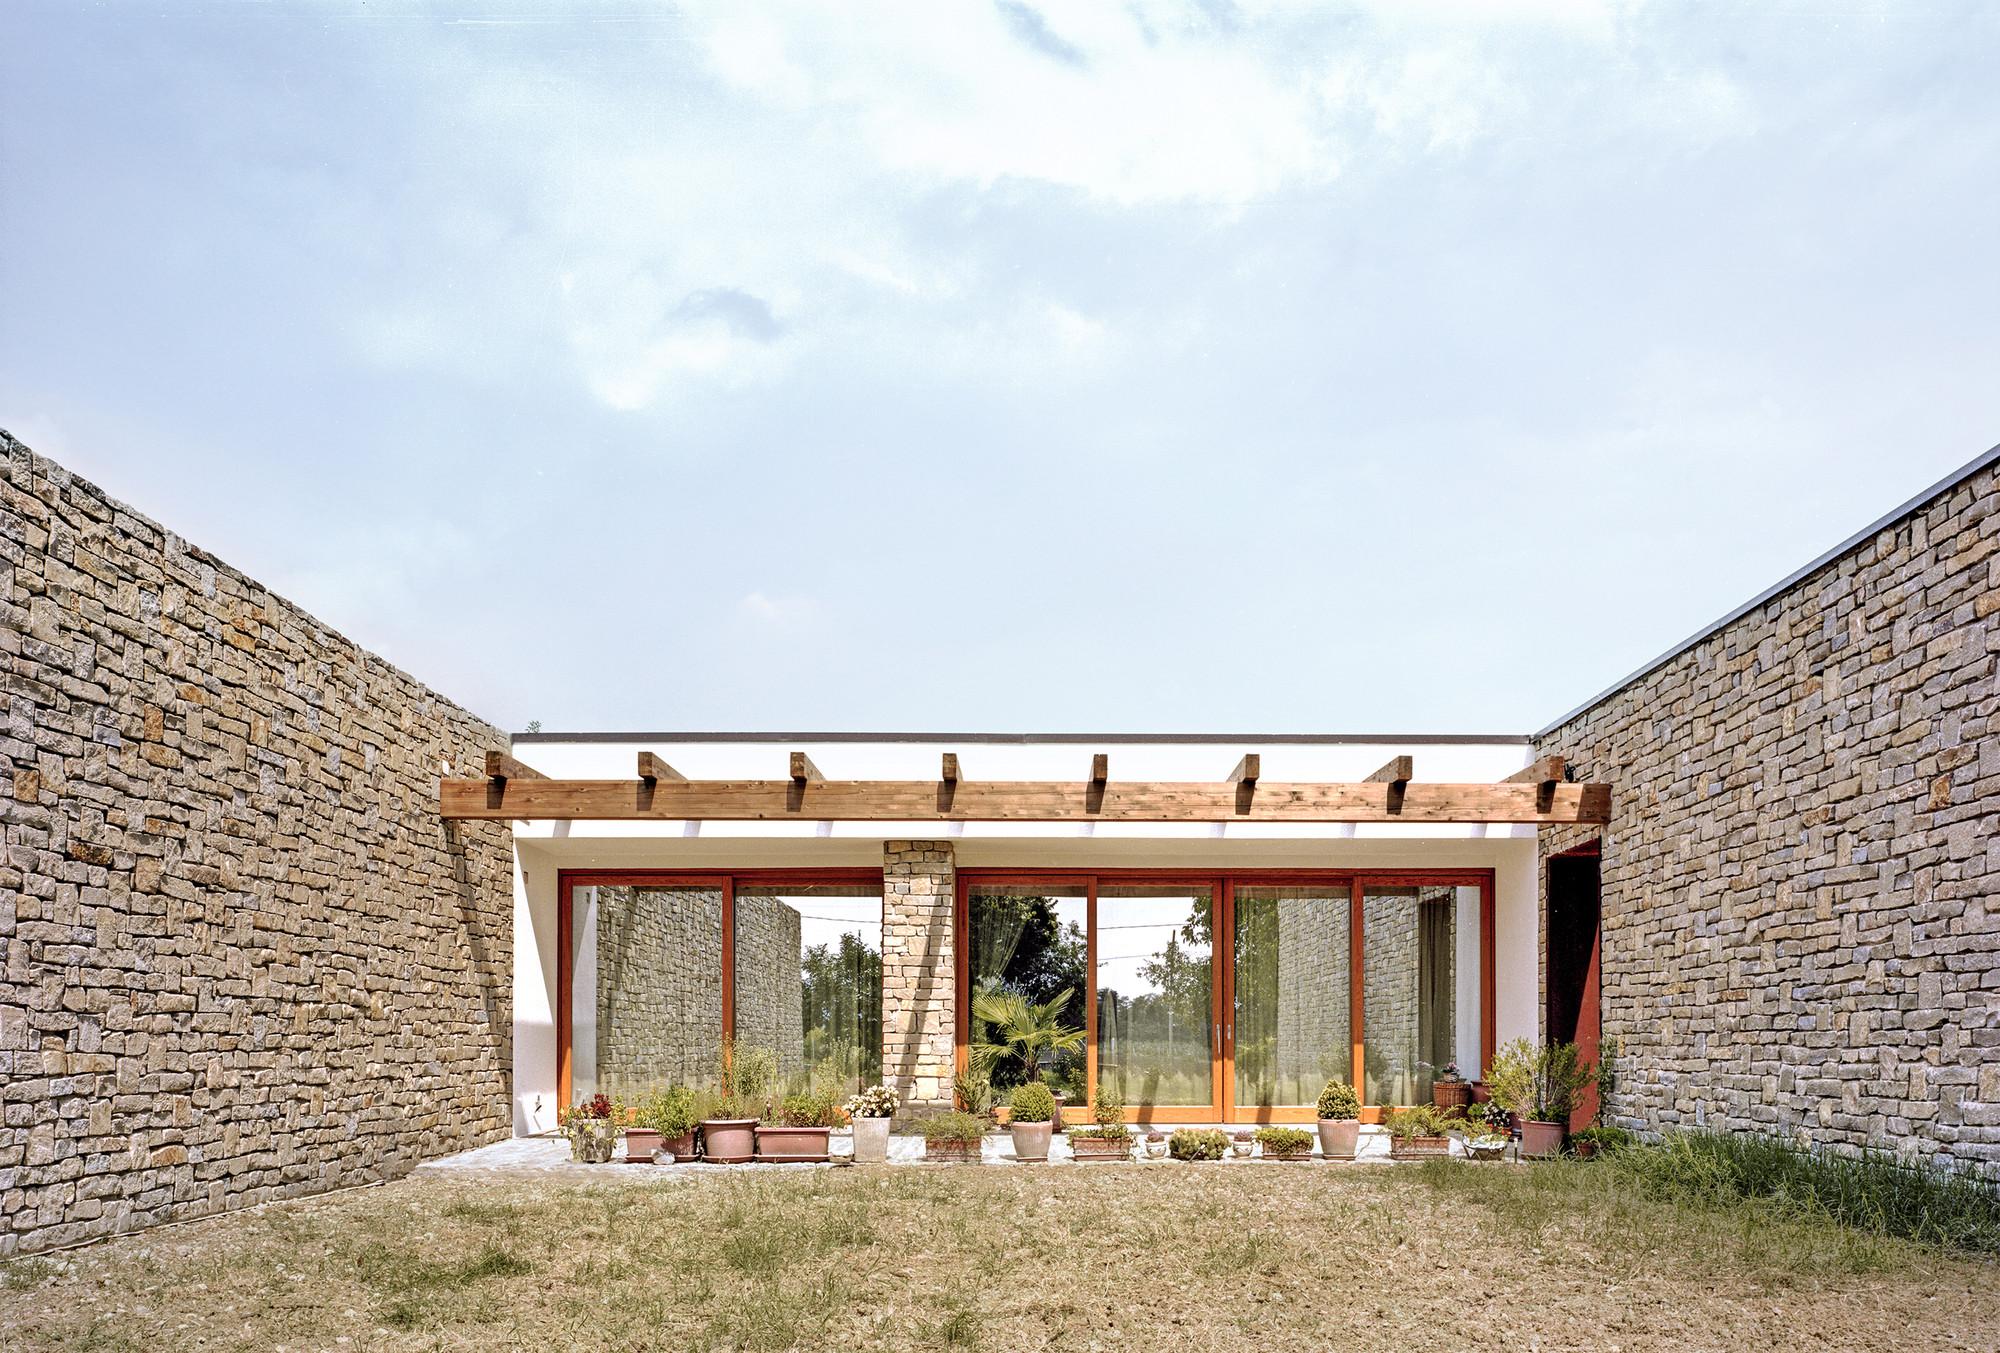 Casa ESSE / ellevuelle architetti, © Alvise Raimondi